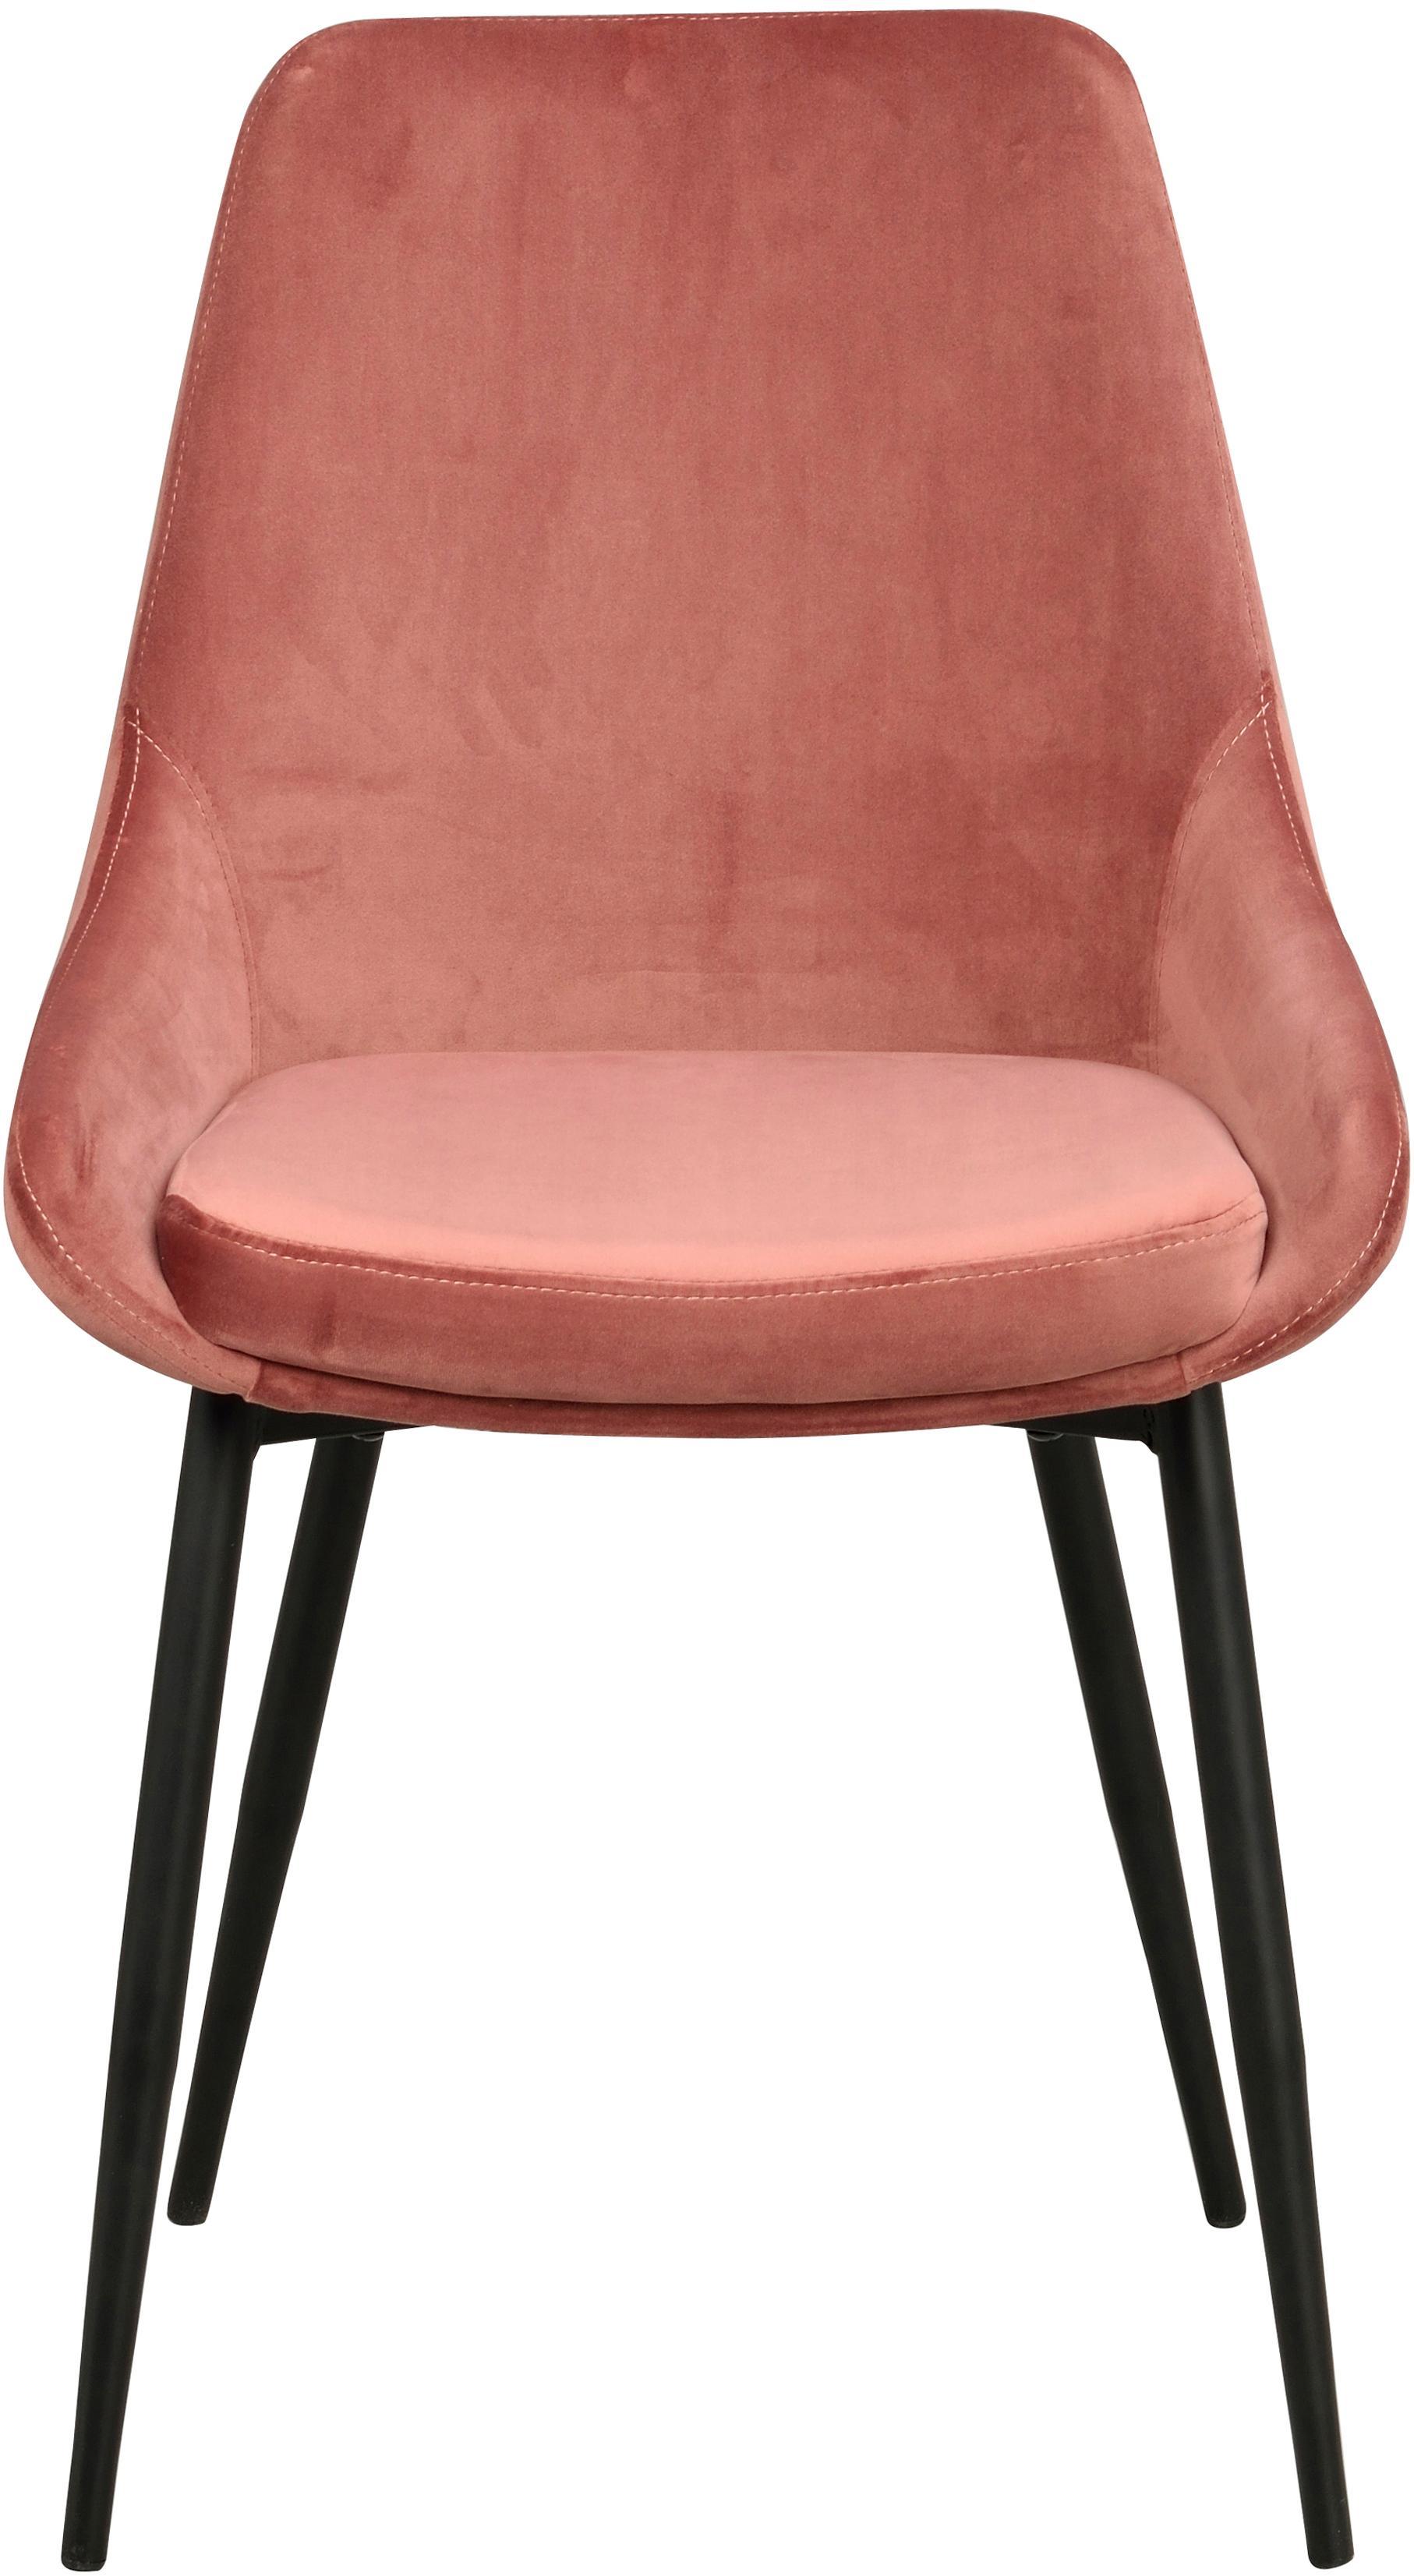 Fluwelen stoelen Sierra, 2 stuks, Bekleding: polyester fluweel, Poten: gelakt metaal, Roze, zwart, B 49 x D 55 cm